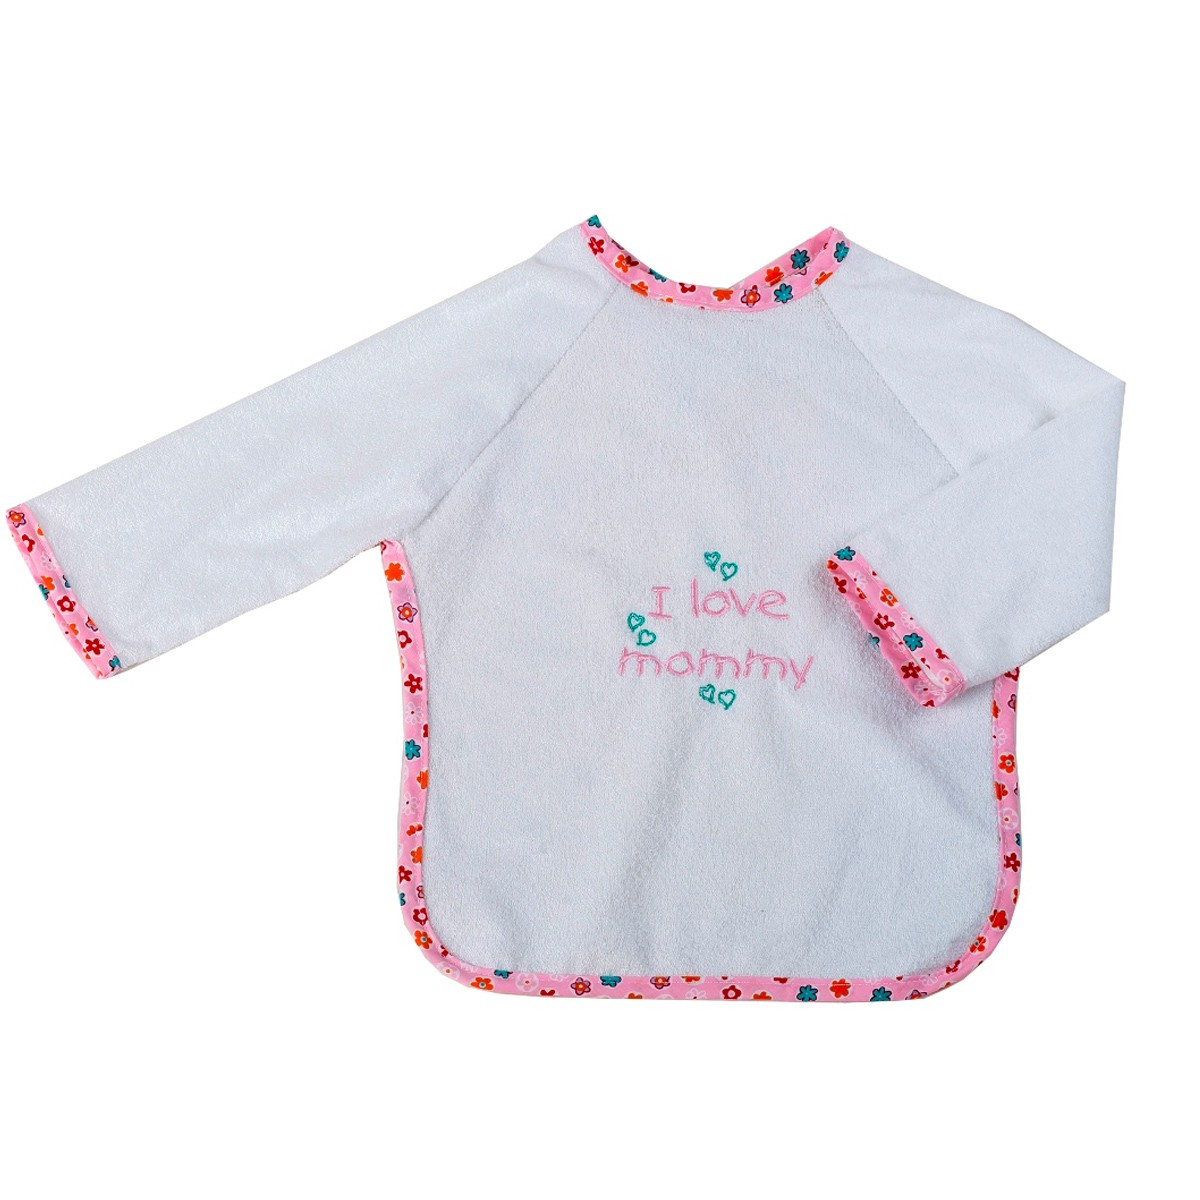 Σαλιάρα Με Μανίκια Κόσμος Του Μωρού Mommy 0610 Ροζ